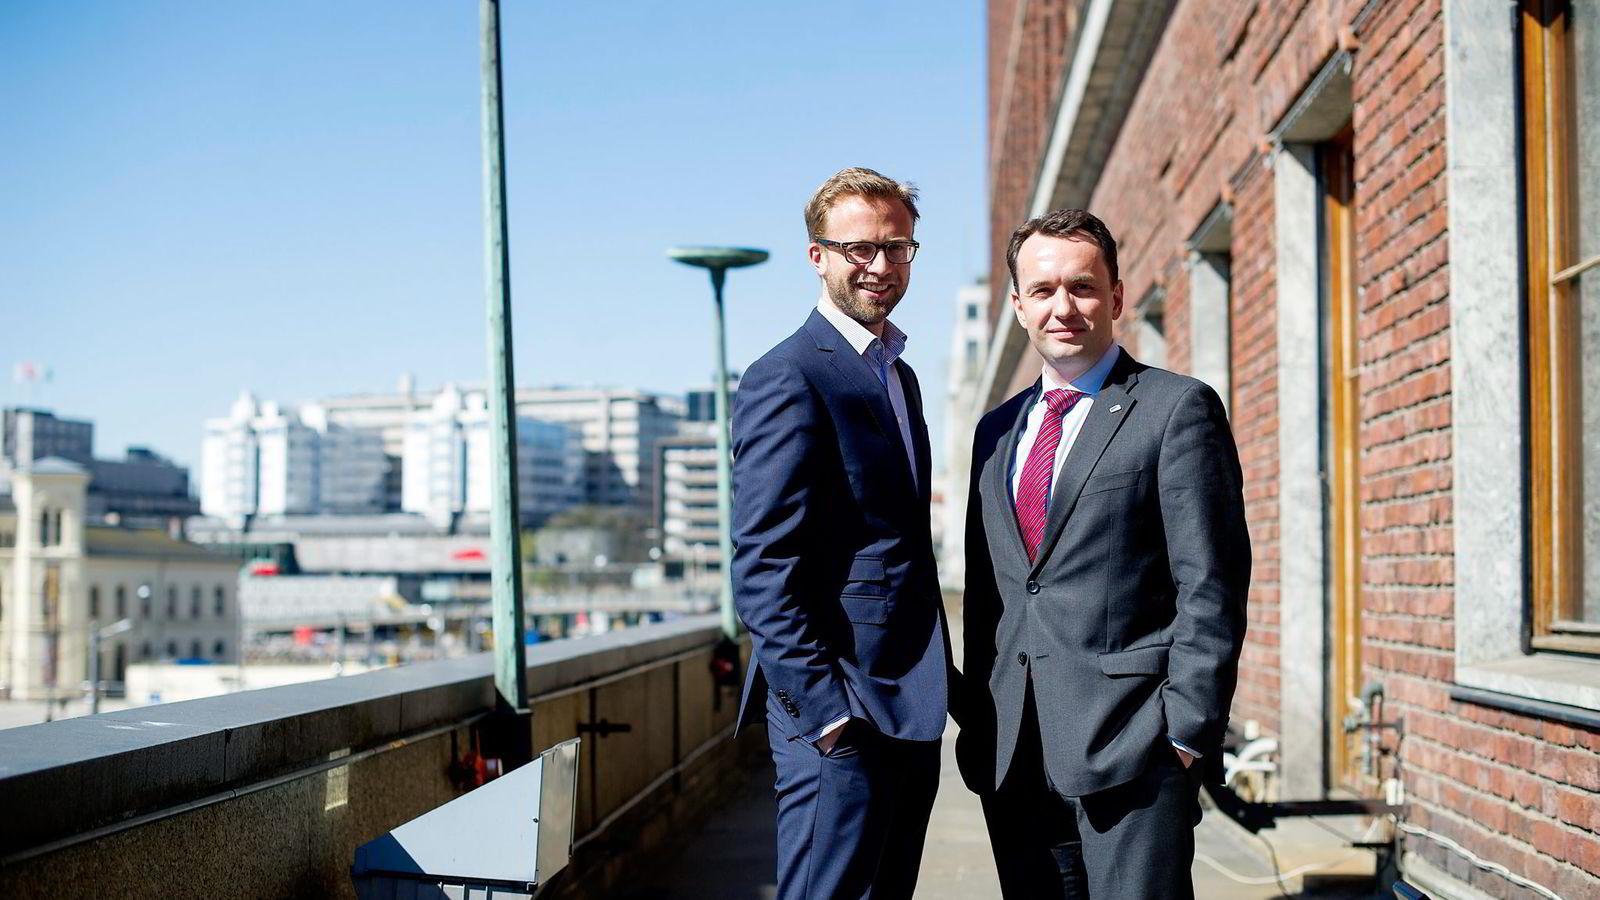 Selv om det er Venstre som i siste periode har hatt miljøbyråden, så blir Høyre stilt til ansvar for at miljøpolitikken er så ambisjonsløs. Her Høyres Nikolai Astrup (til venstre) og Stian Berger Røsland.